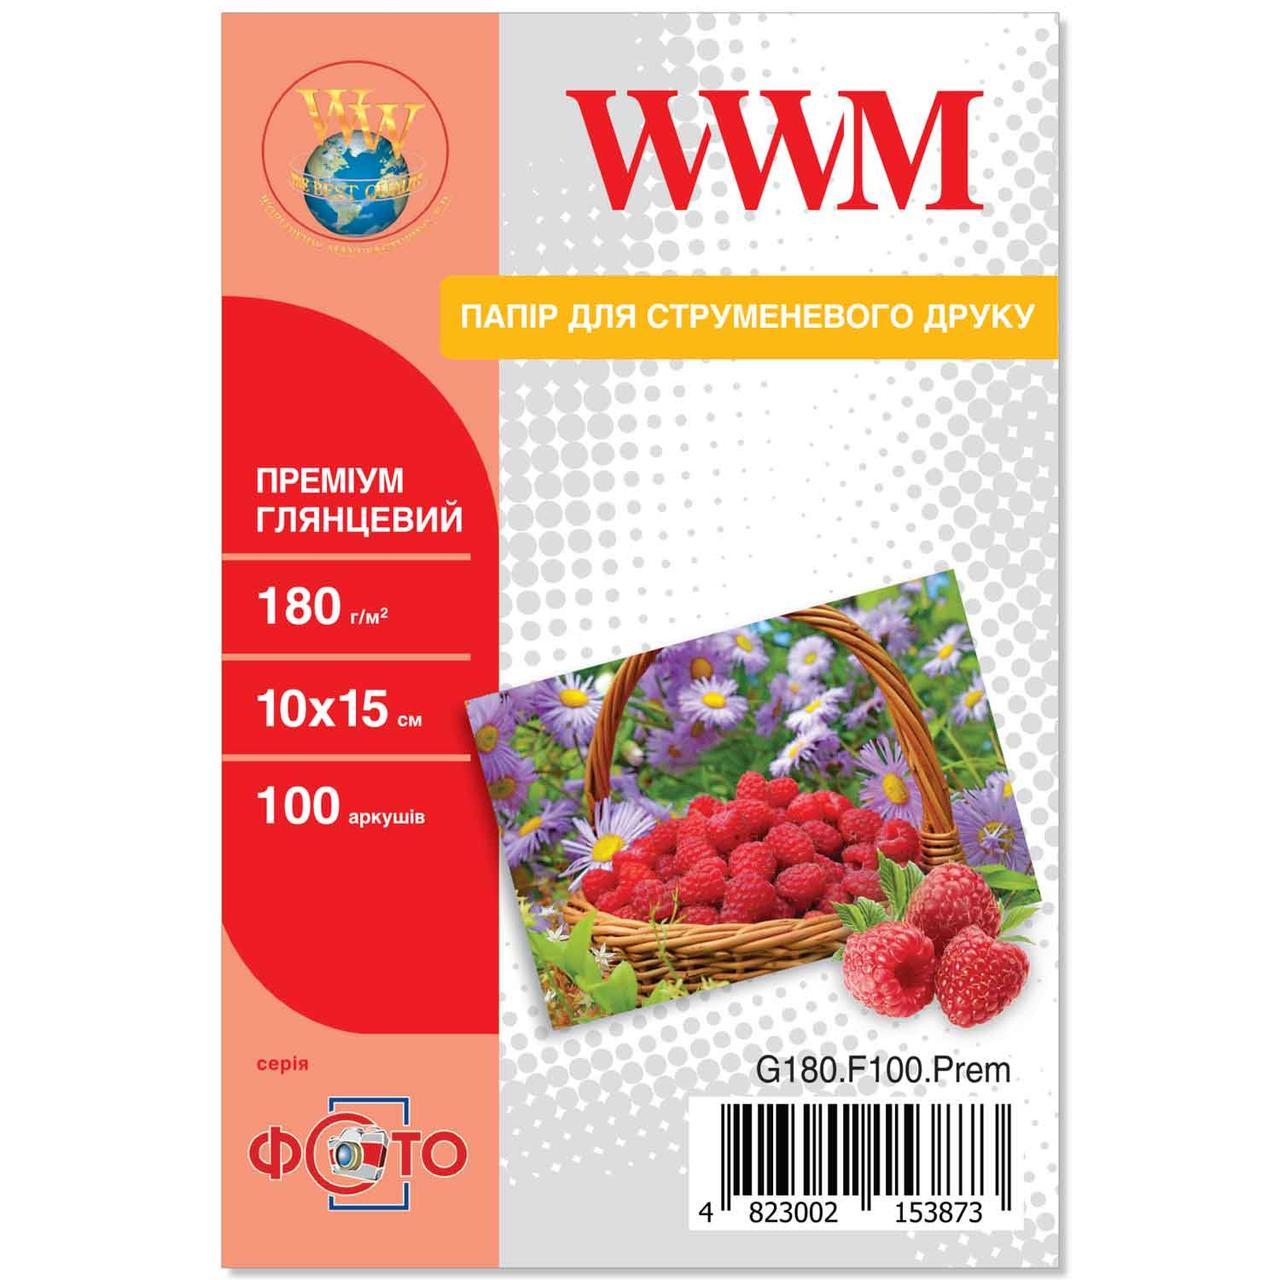 Фотобумага WWM глянцевая 180г/м кв, 10x15 см, 50л (G180.F50.Prem) Premium